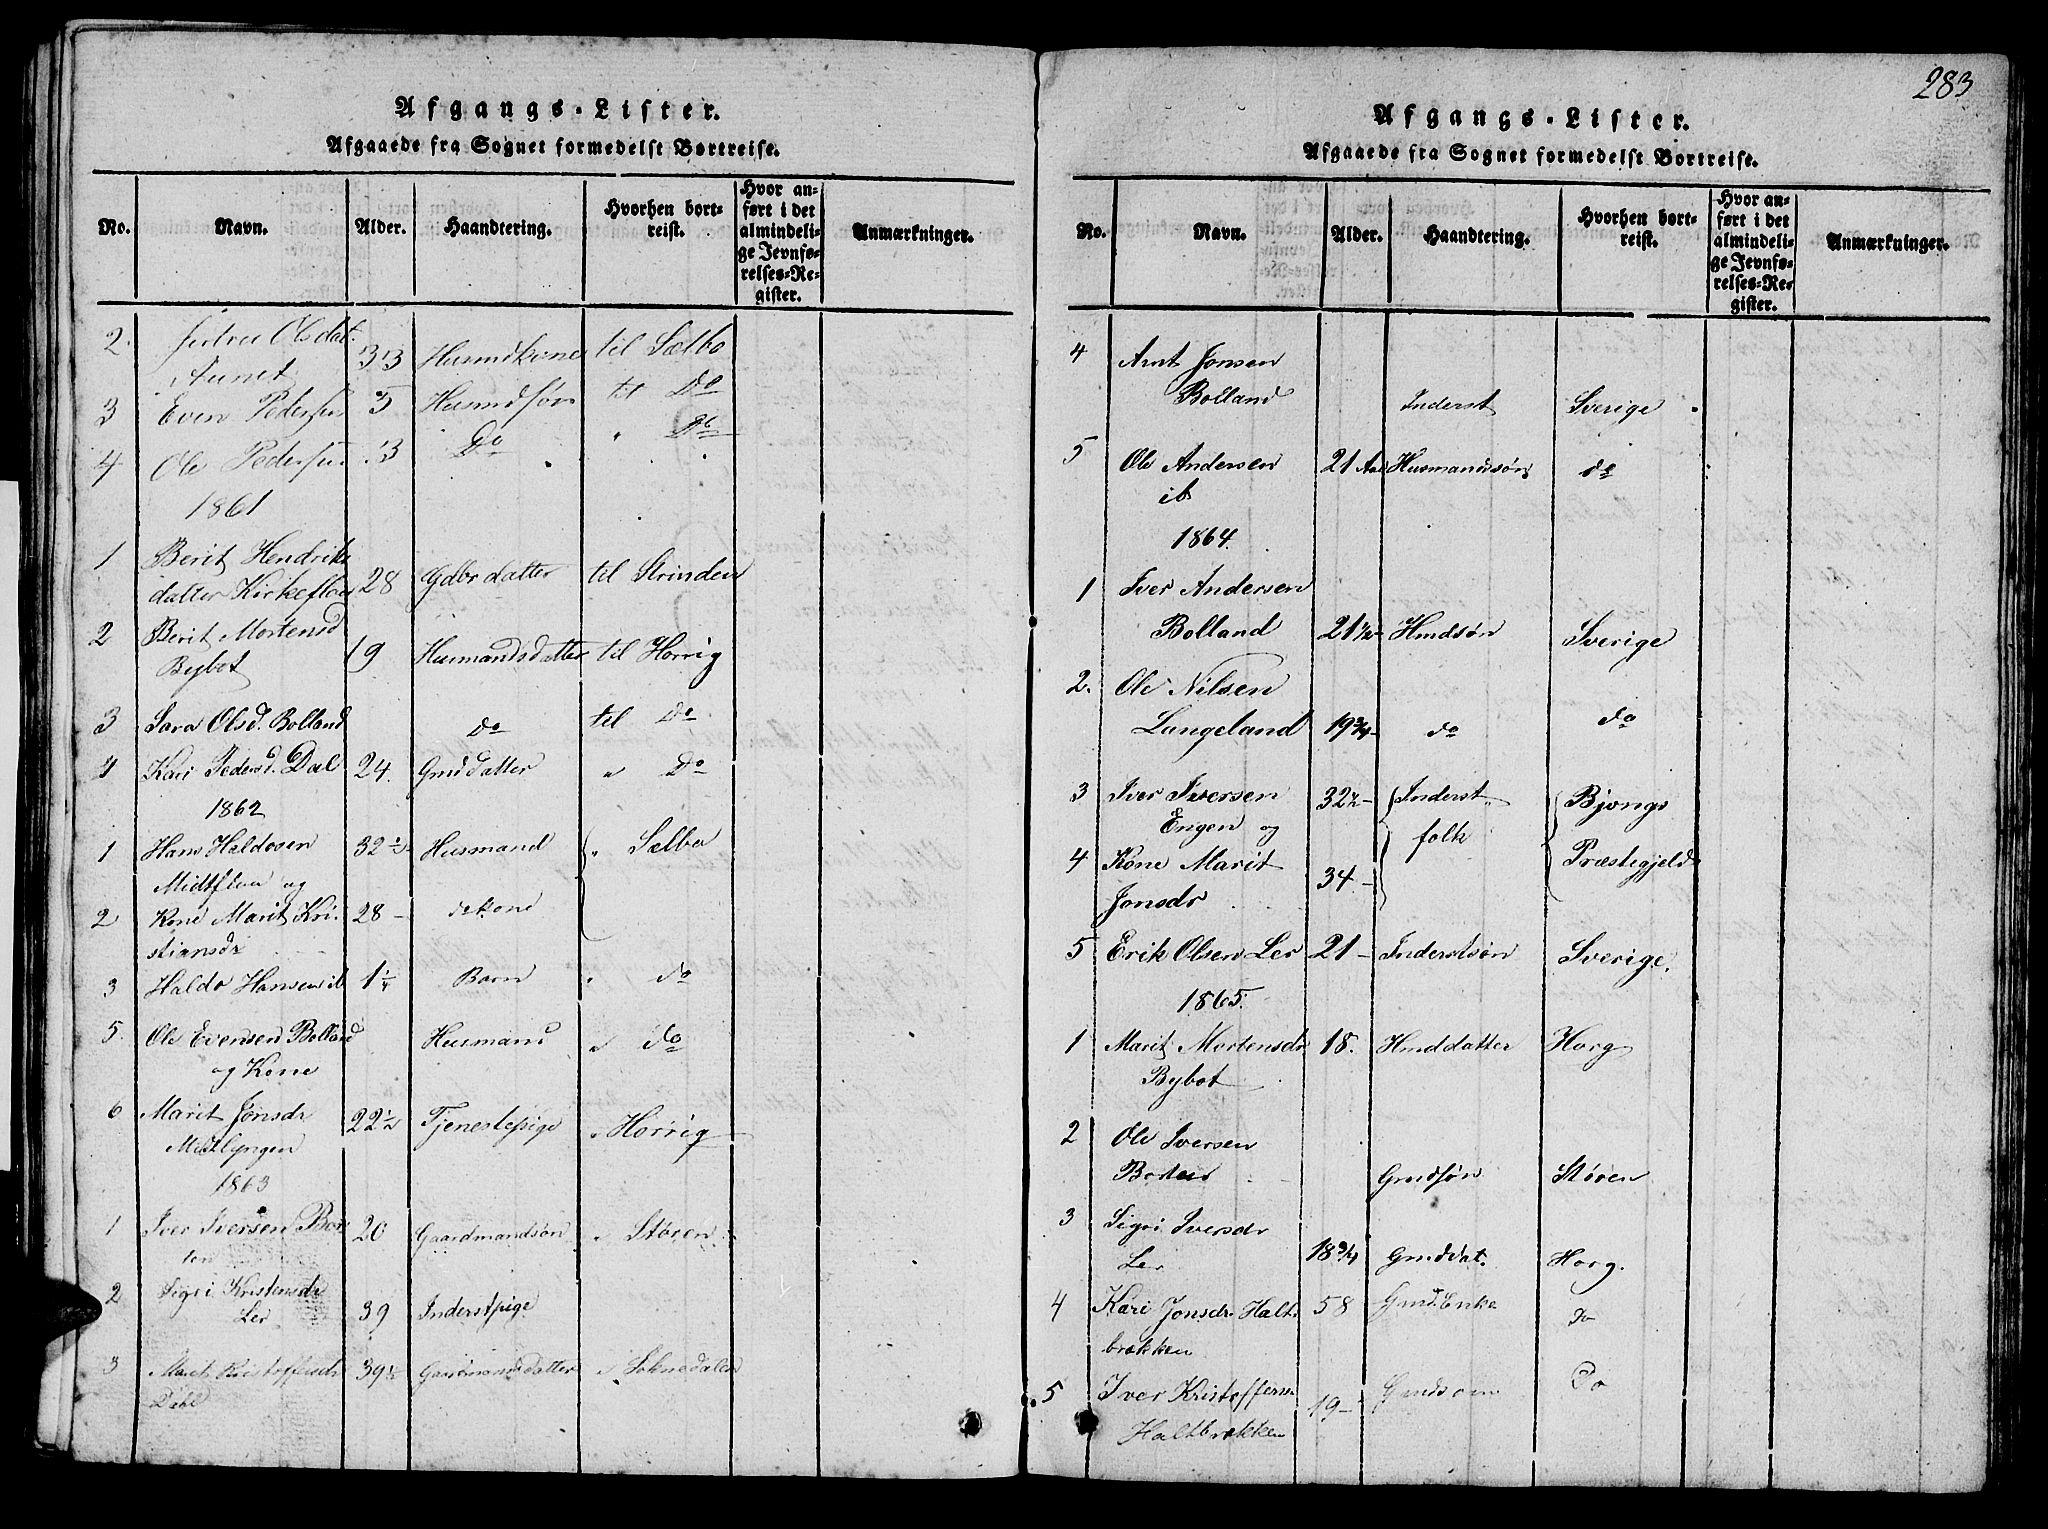 SAT, Ministerialprotokoller, klokkerbøker og fødselsregistre - Sør-Trøndelag, 693/L1121: Klokkerbok nr. 693C02, 1816-1869, s. 283